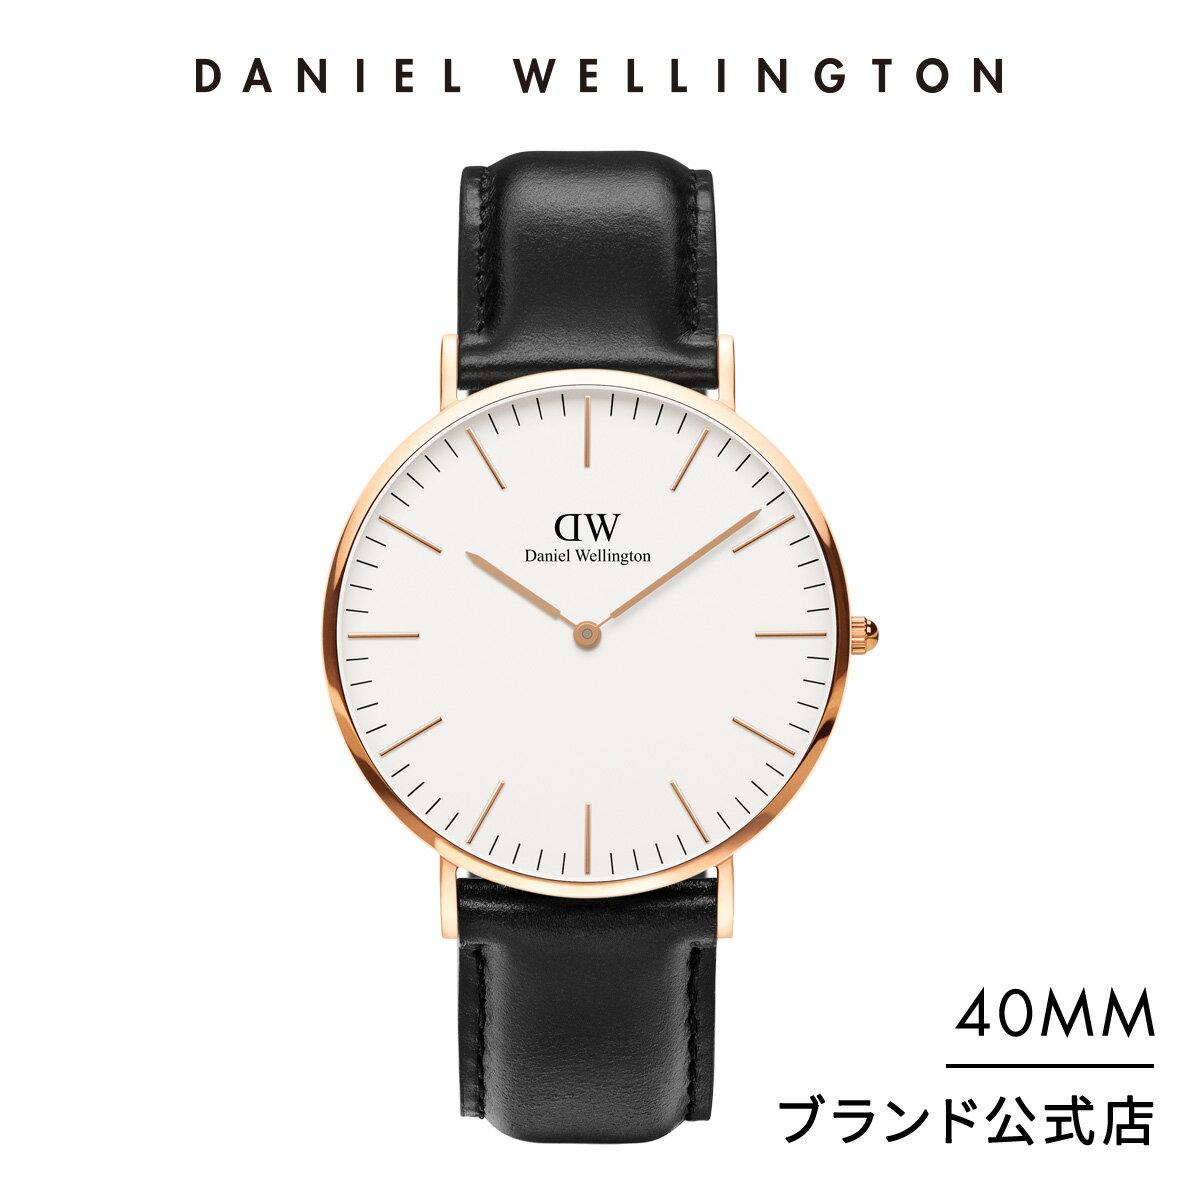 【公式2年保証/送料無料】ダニエルウェリントン公式 メンズ 腕時計 Classic Sheffield 40mm 革 ベルト クラシック シェフィールド DW プレゼント おしゃれ インスタ映え ブランド 彼女 彼氏 ペアスタイルに最適 ウォッチ